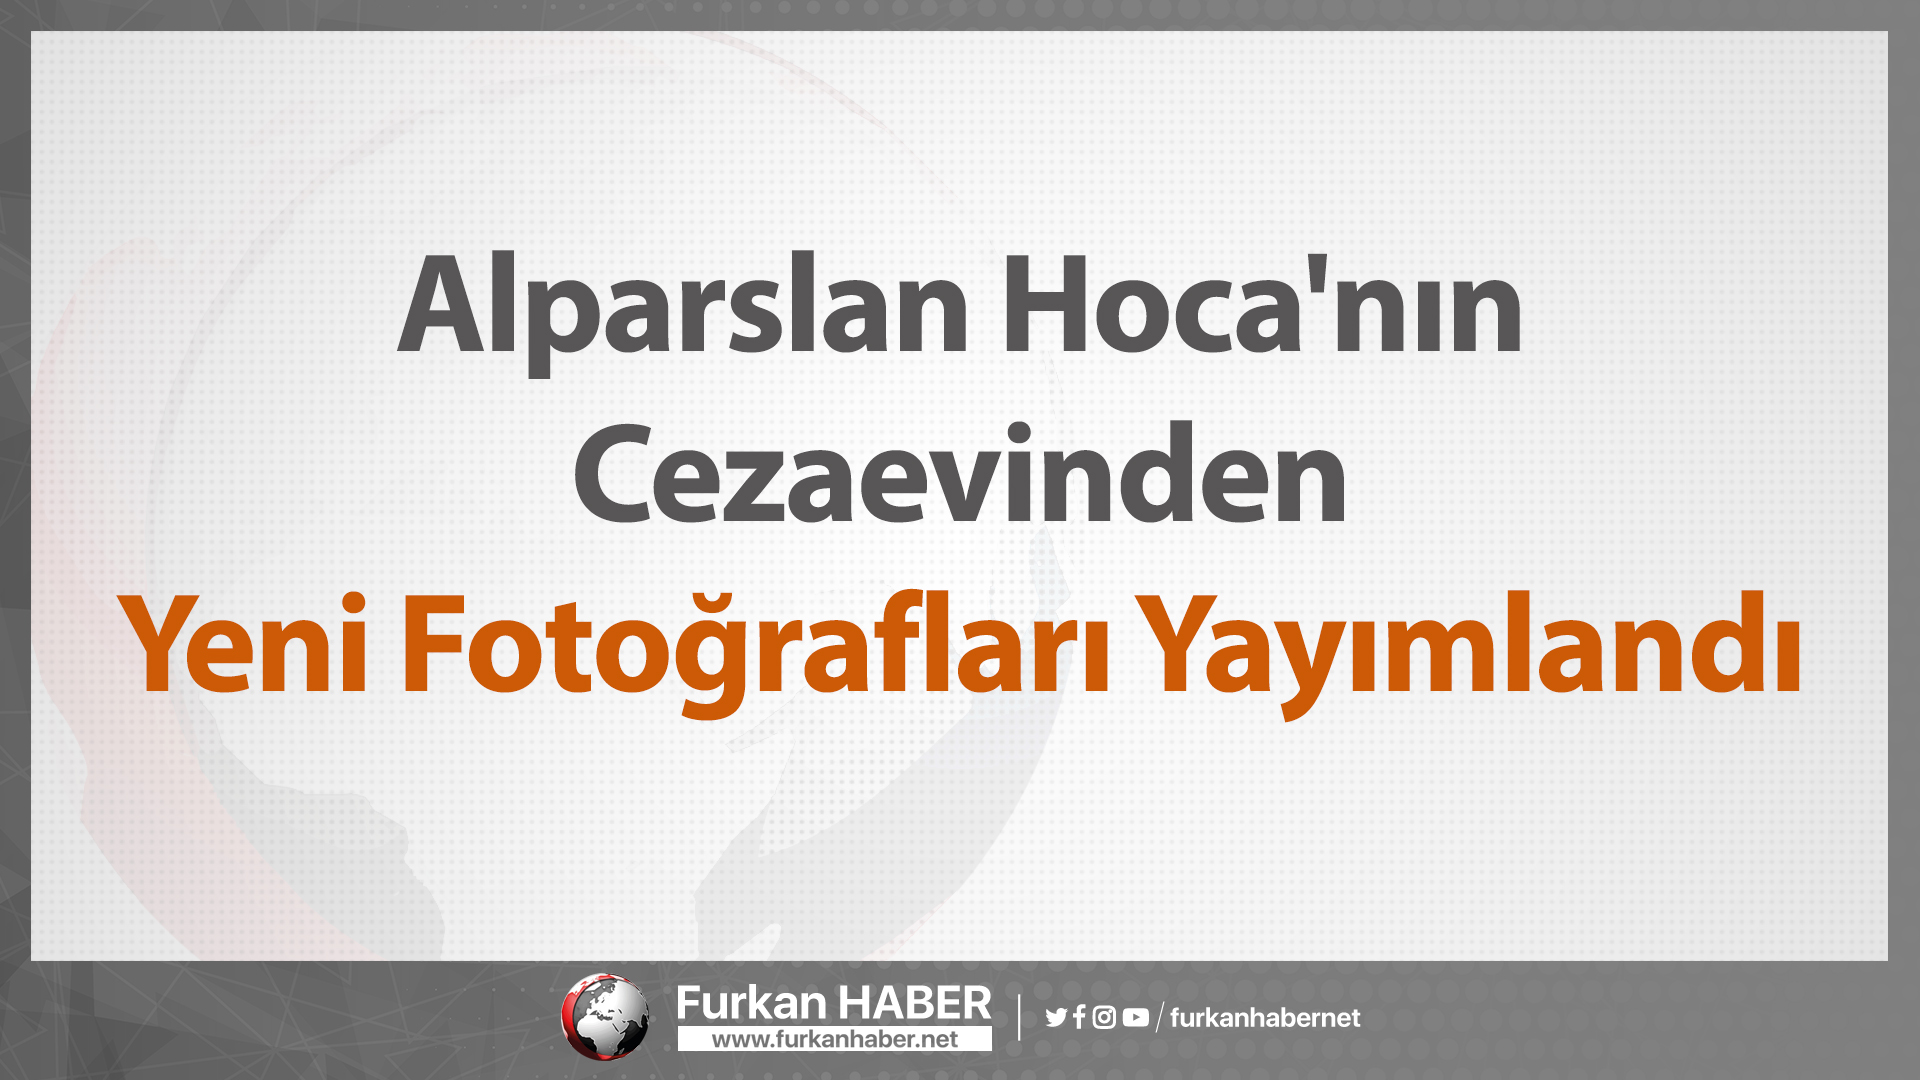 Alparslan Hoca'nın Cezaevinden Yeni Fotoğrafları Yayımlandı